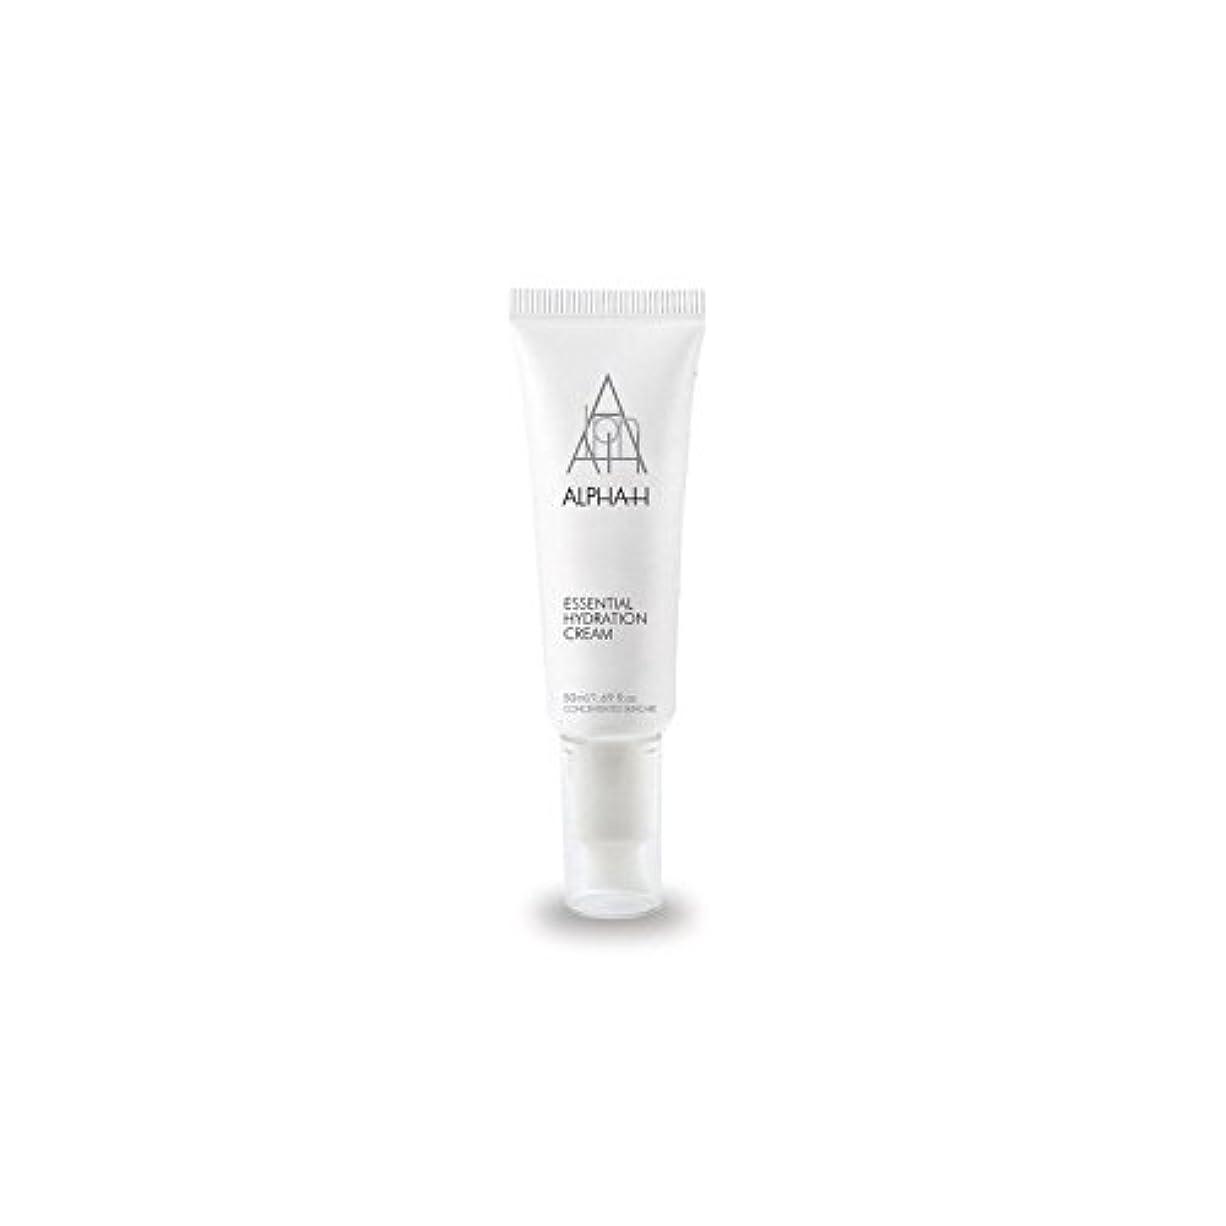 息切れうなずく肥料アルファ必須水和クリーム(50)中 x4 - Alpha-H Essential Hydration Cream (50ml) (Pack of 4) [並行輸入品]